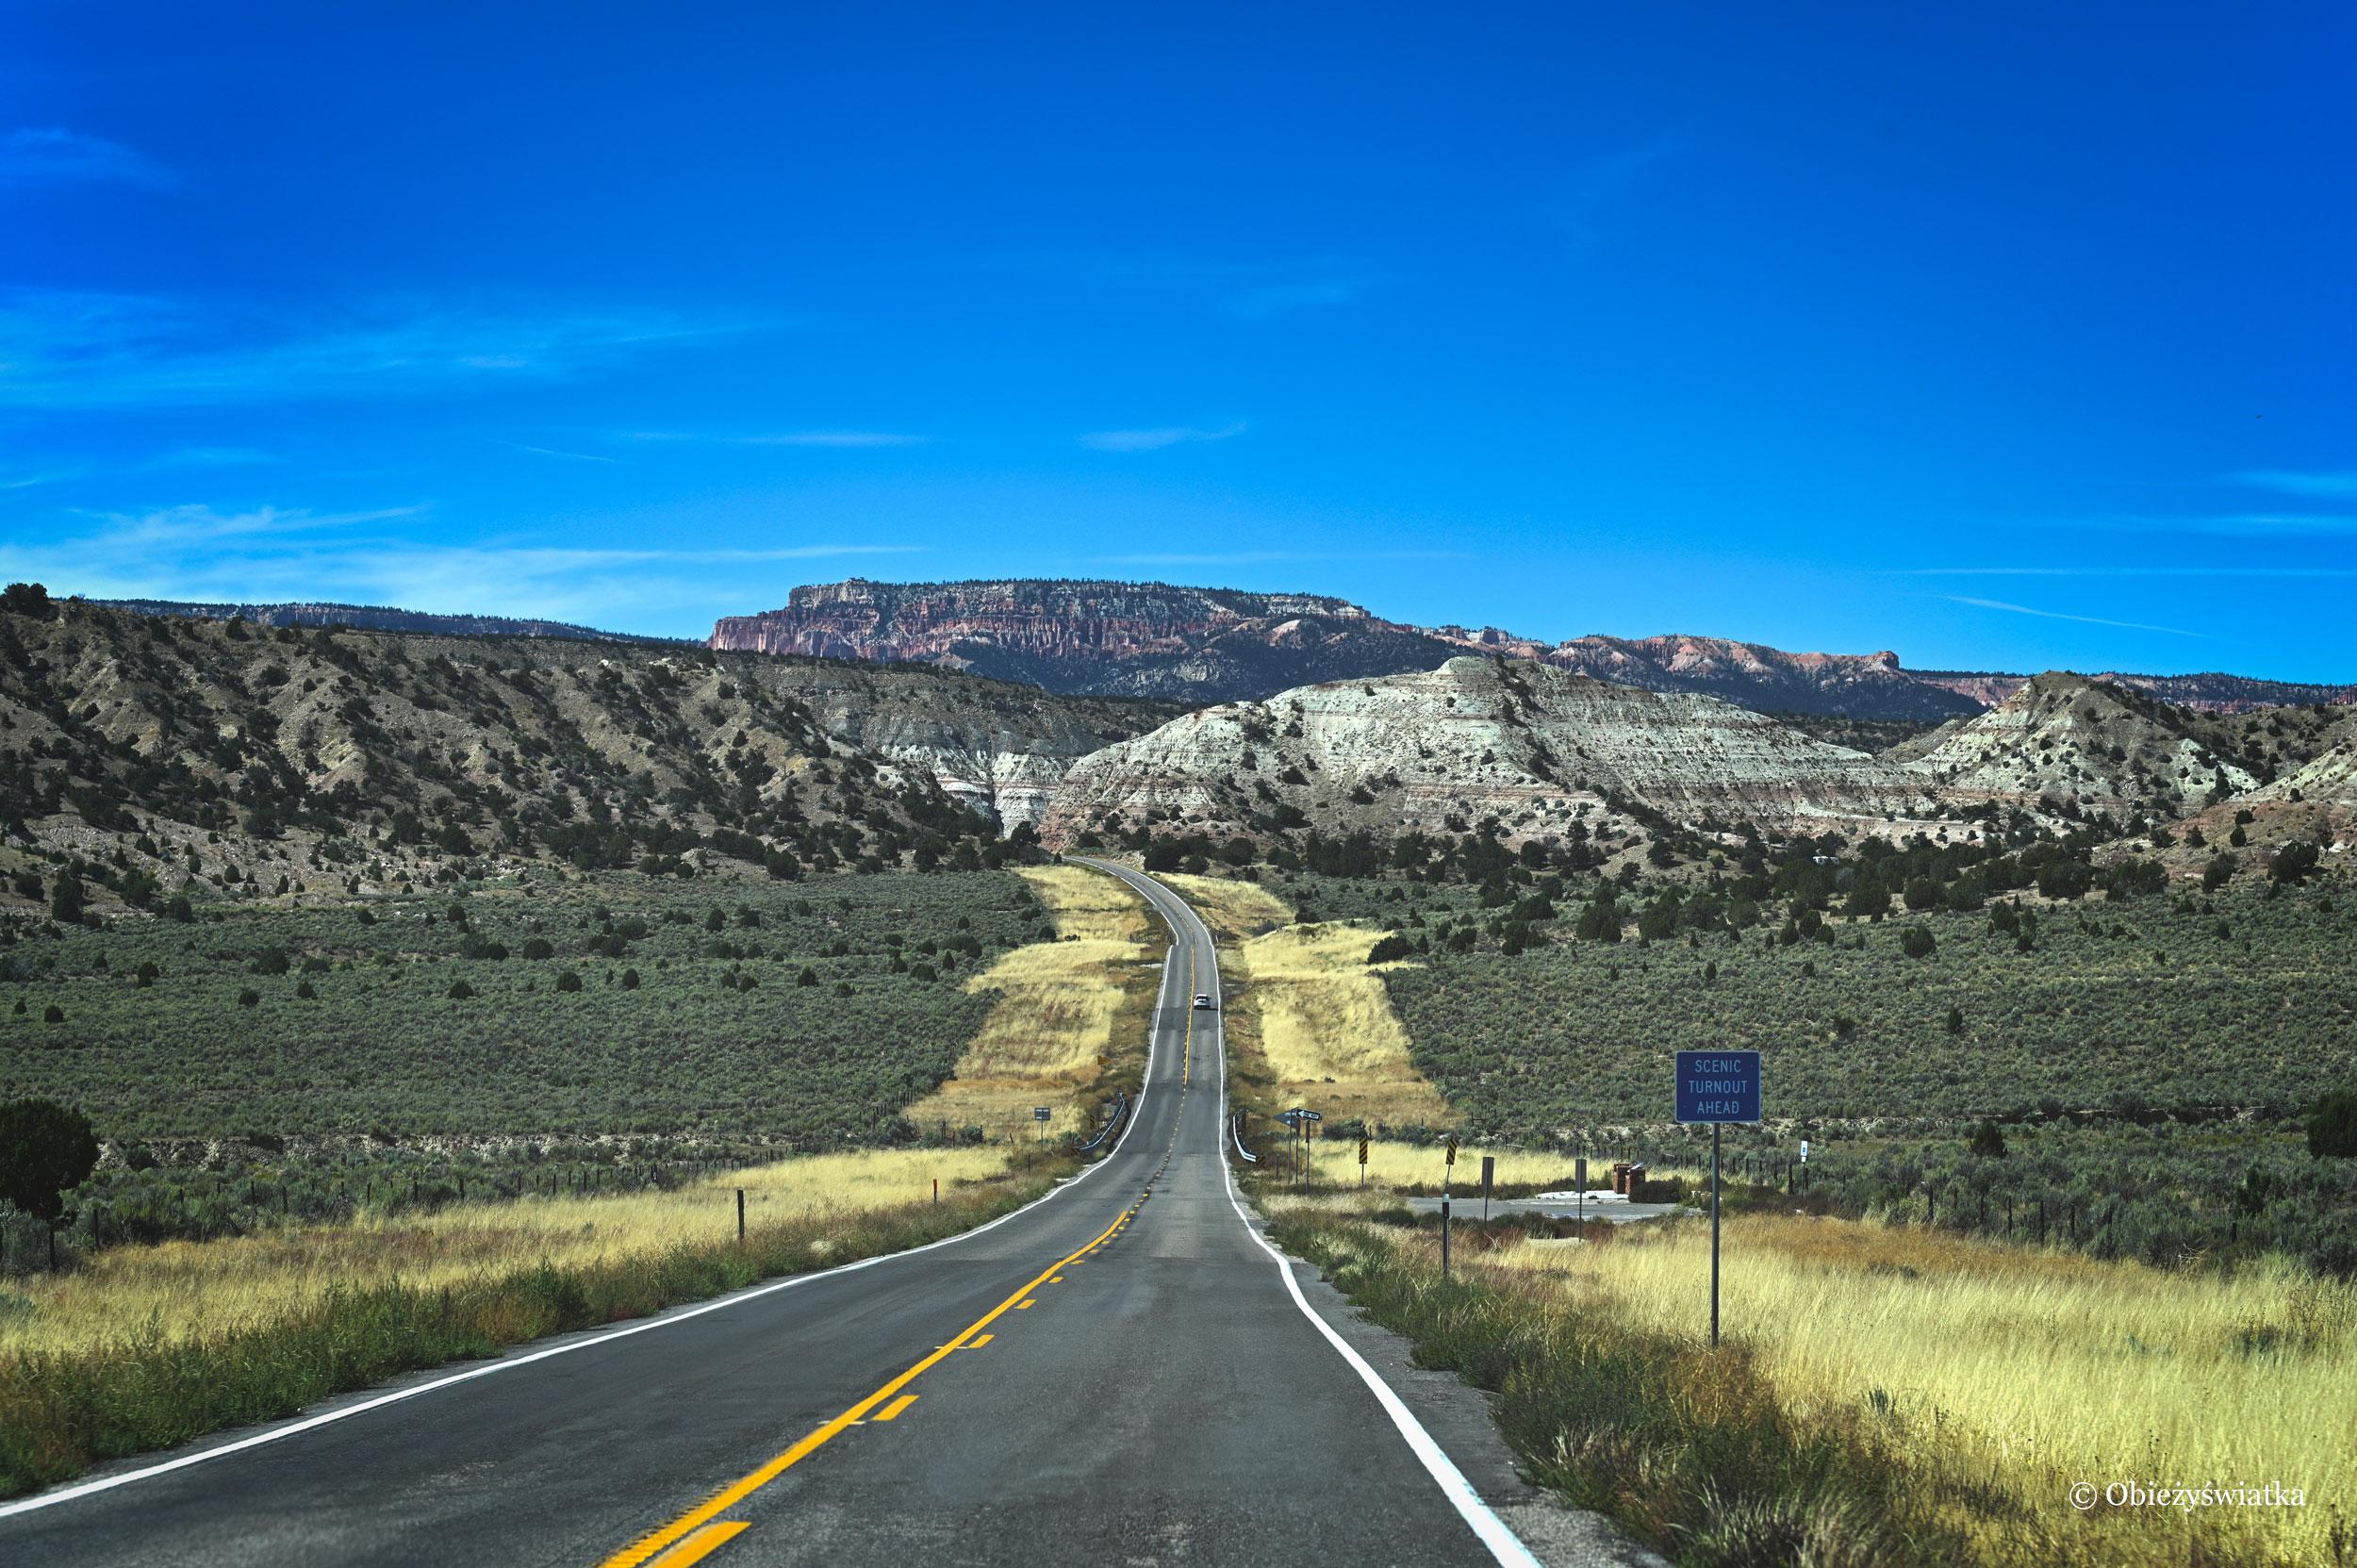 Scenic Byway - Highway 12, Utah